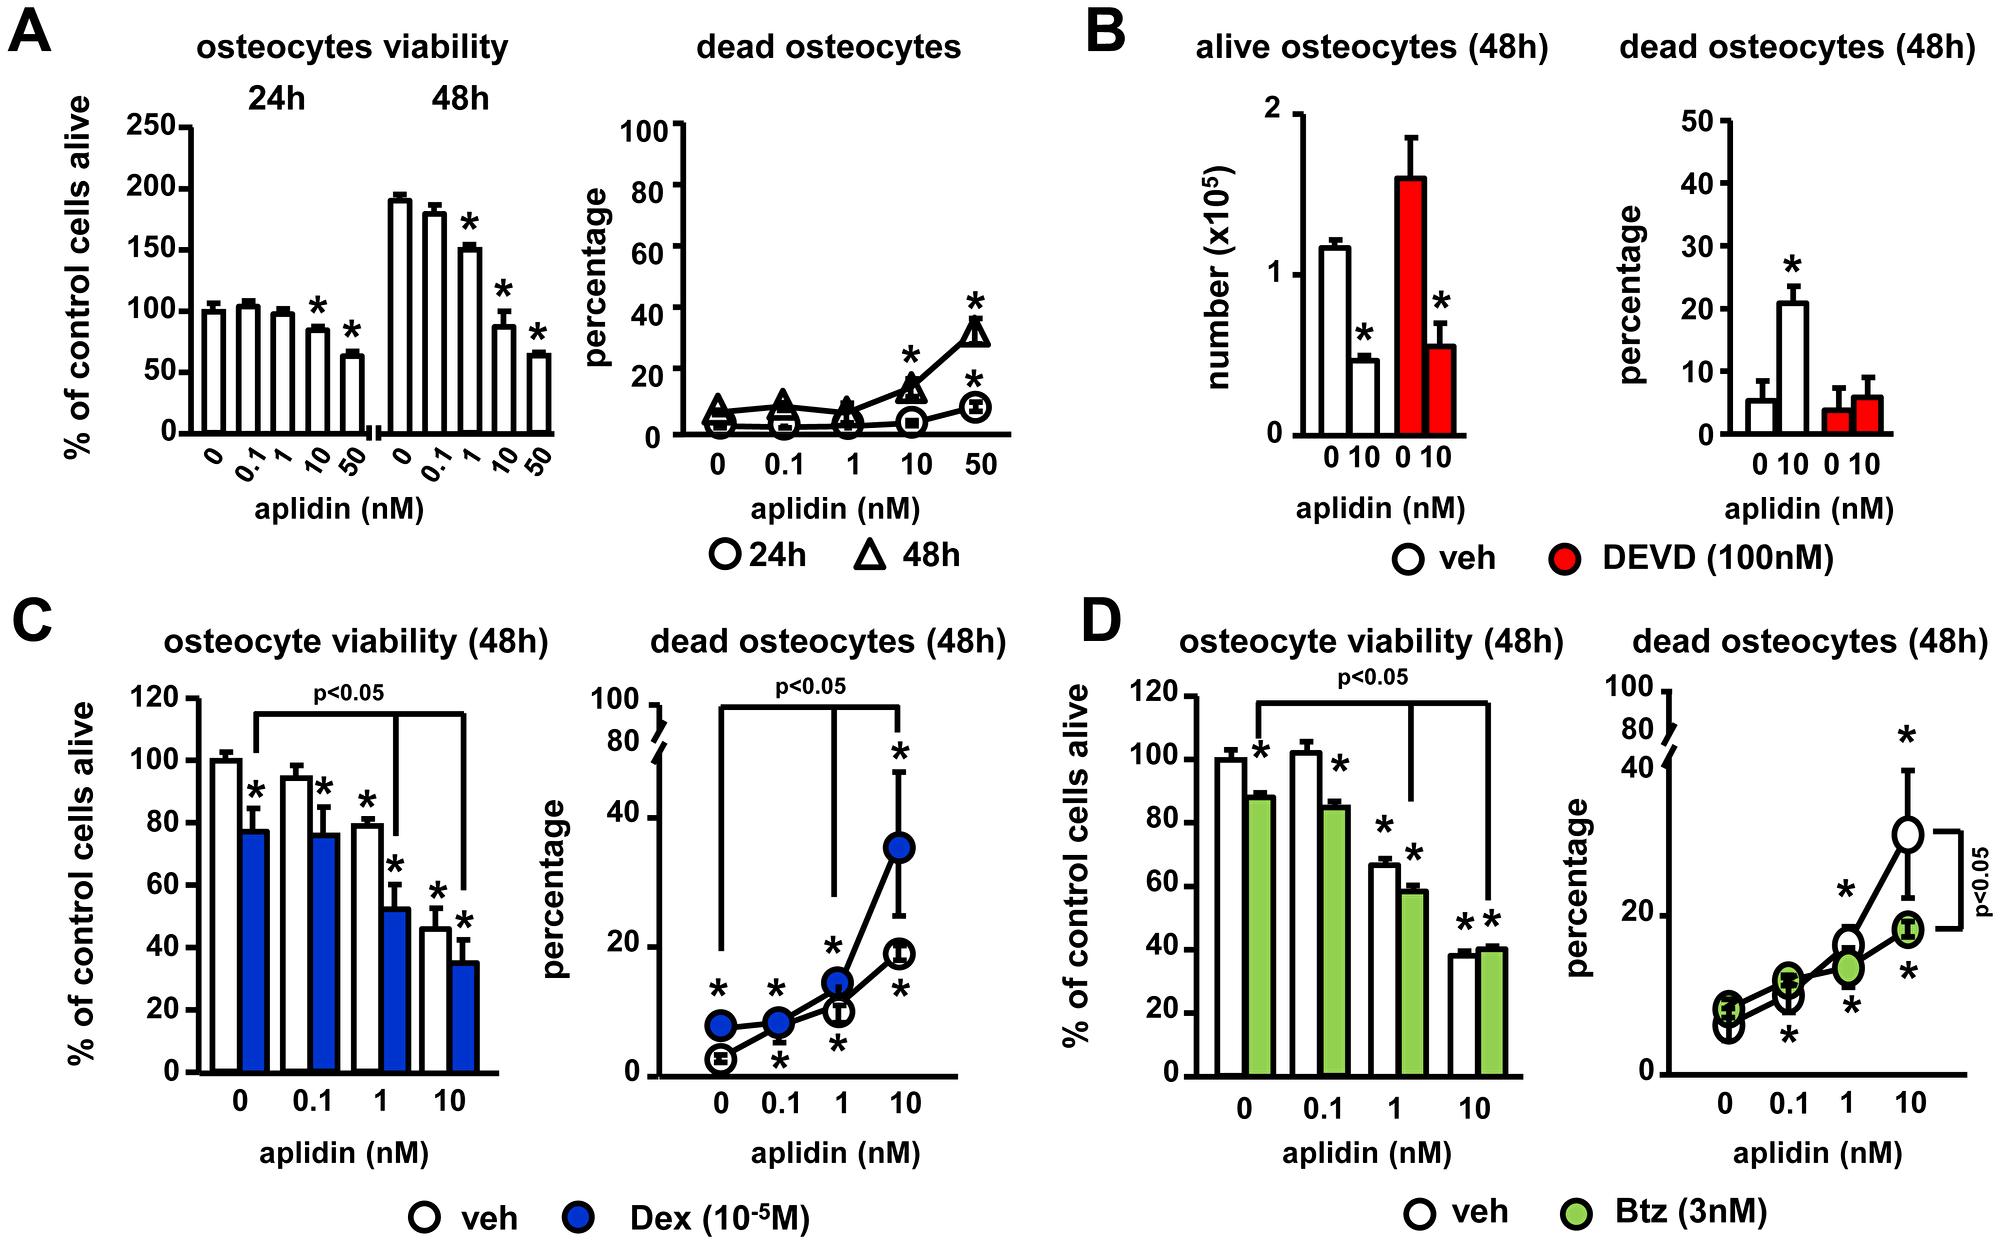 Aplidin decreases osteocyte viability.